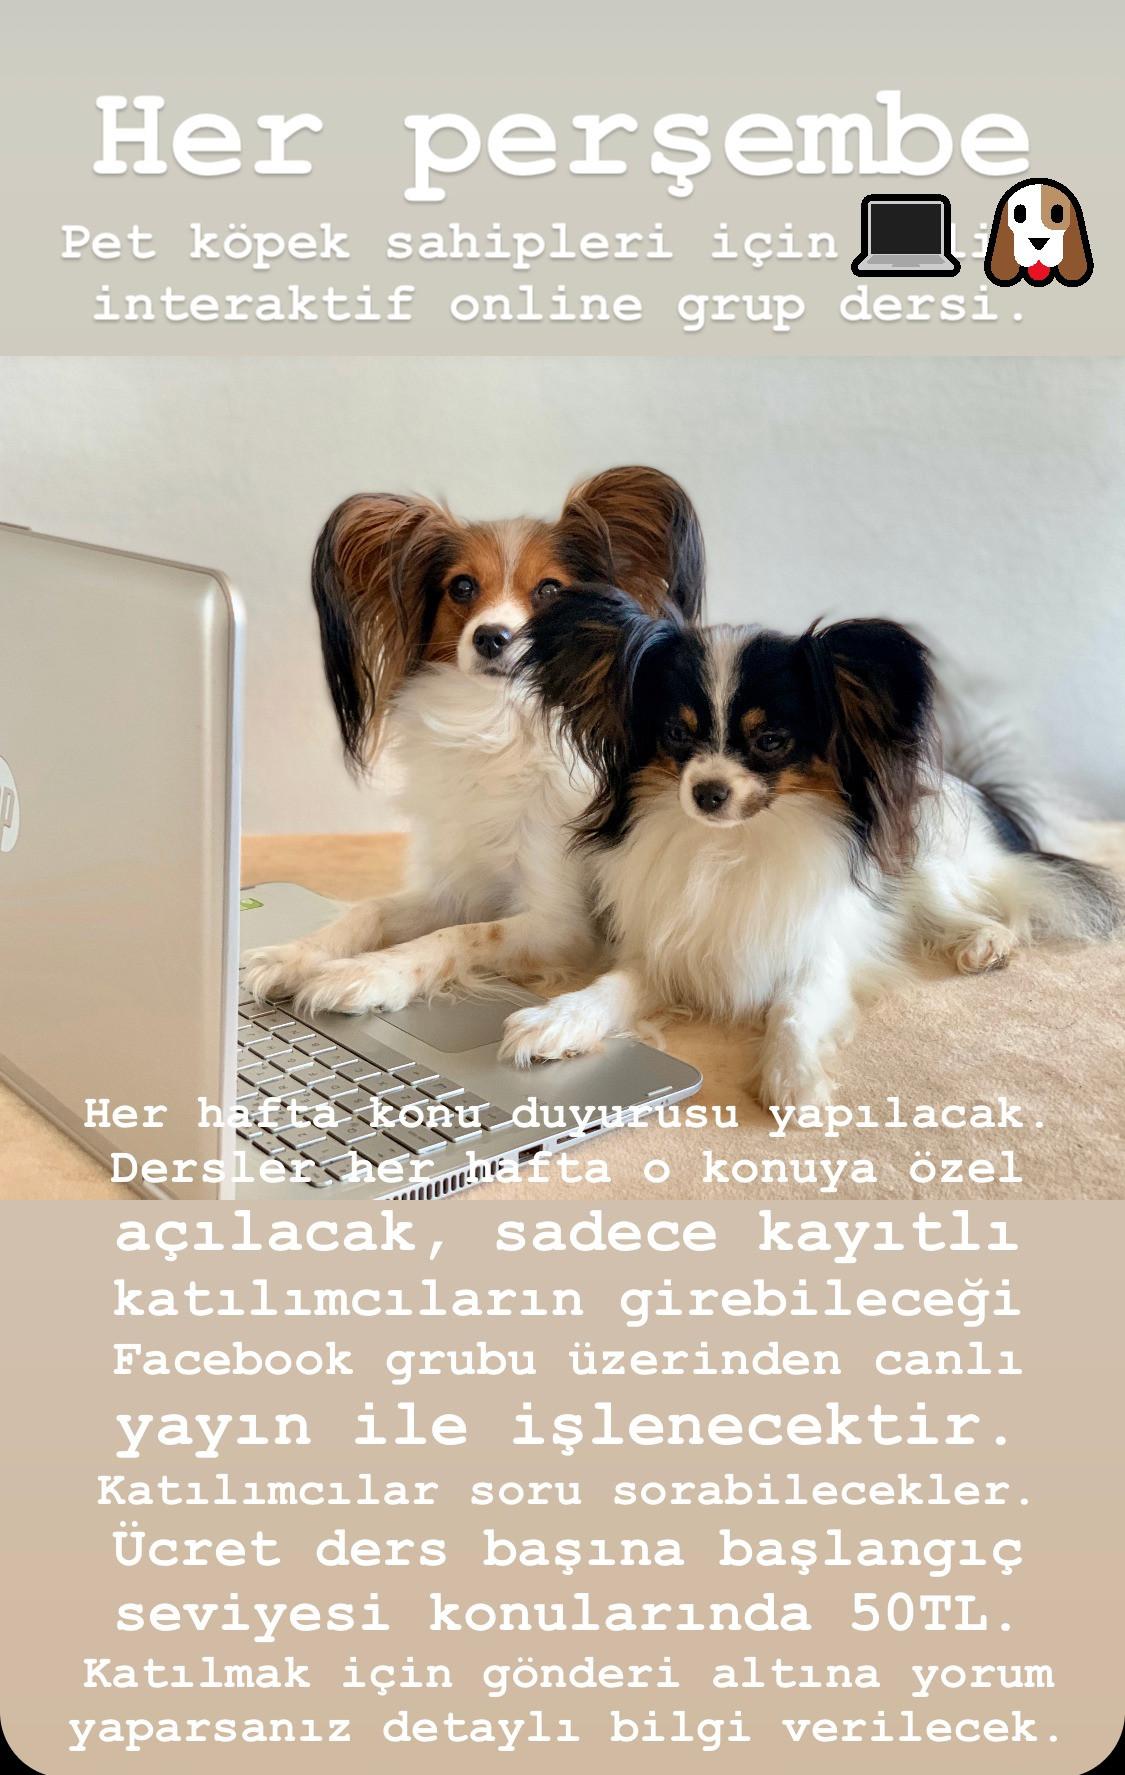 Online Grup Dersi